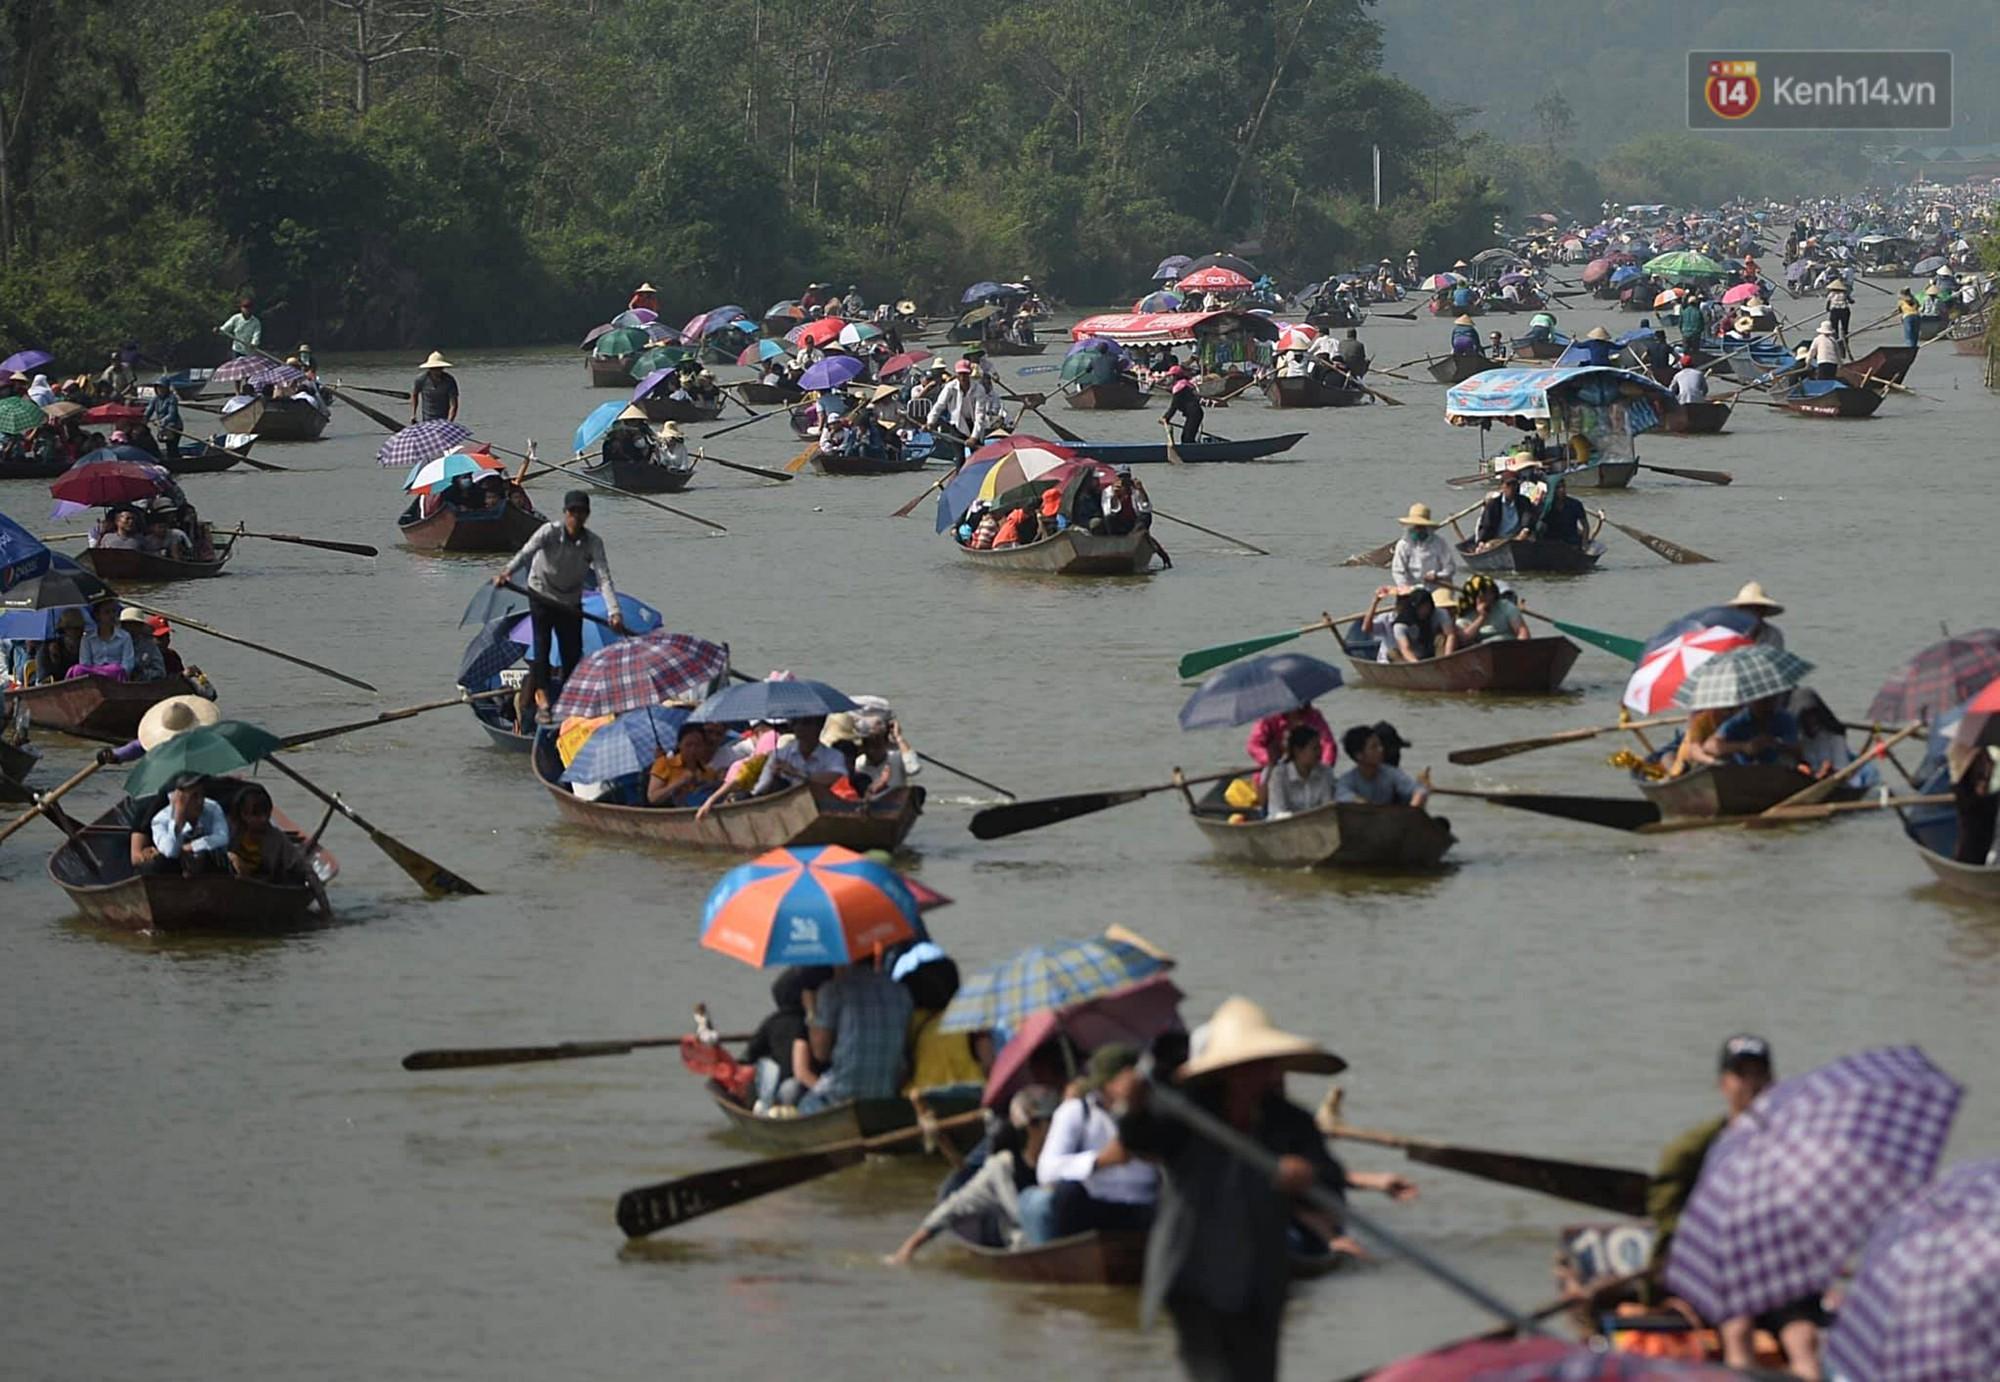 Gần 5 vạn người đổ về chùa Hương trong ngày mồng 5 Tết, 1 ngày trước khi khai hội - Ảnh 1.